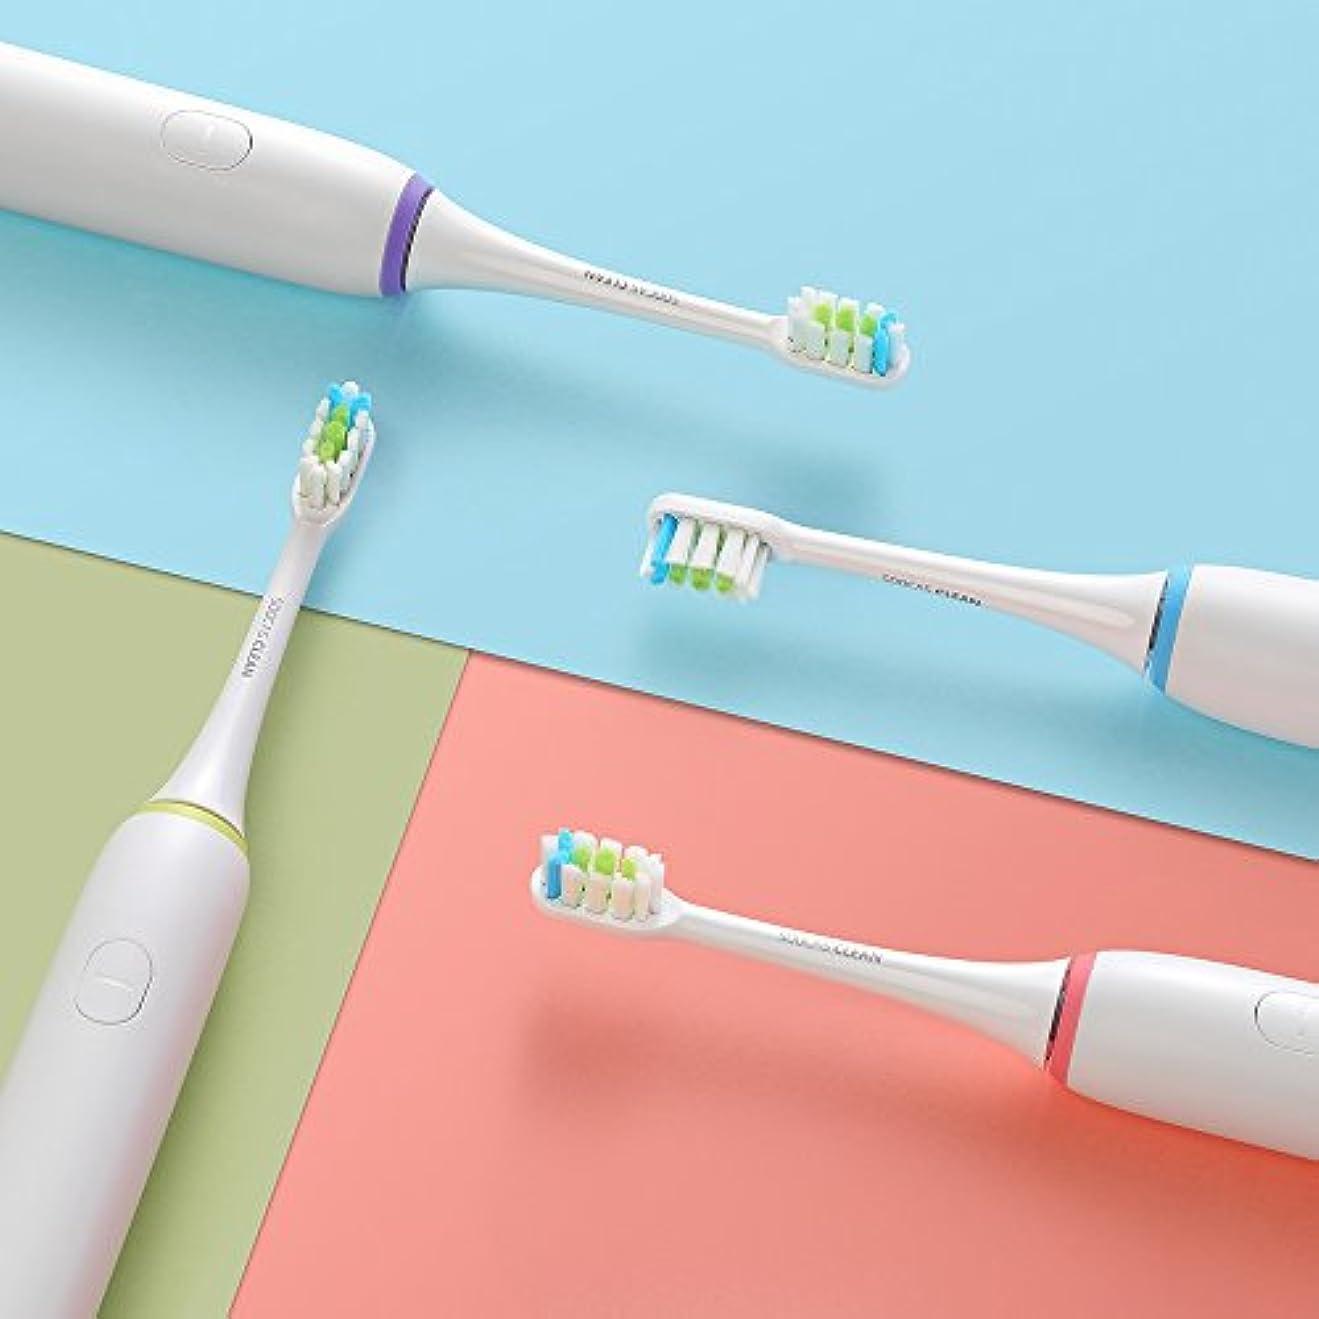 アラブ人形容詞インストールSoocas X1電動音波歯ブラシは再充電可能バッテリーで駆動、2分間自動タイマーと3種類のオプション?クリーニング?モード、毎分37,200回のマイクロ振動、ホワイト